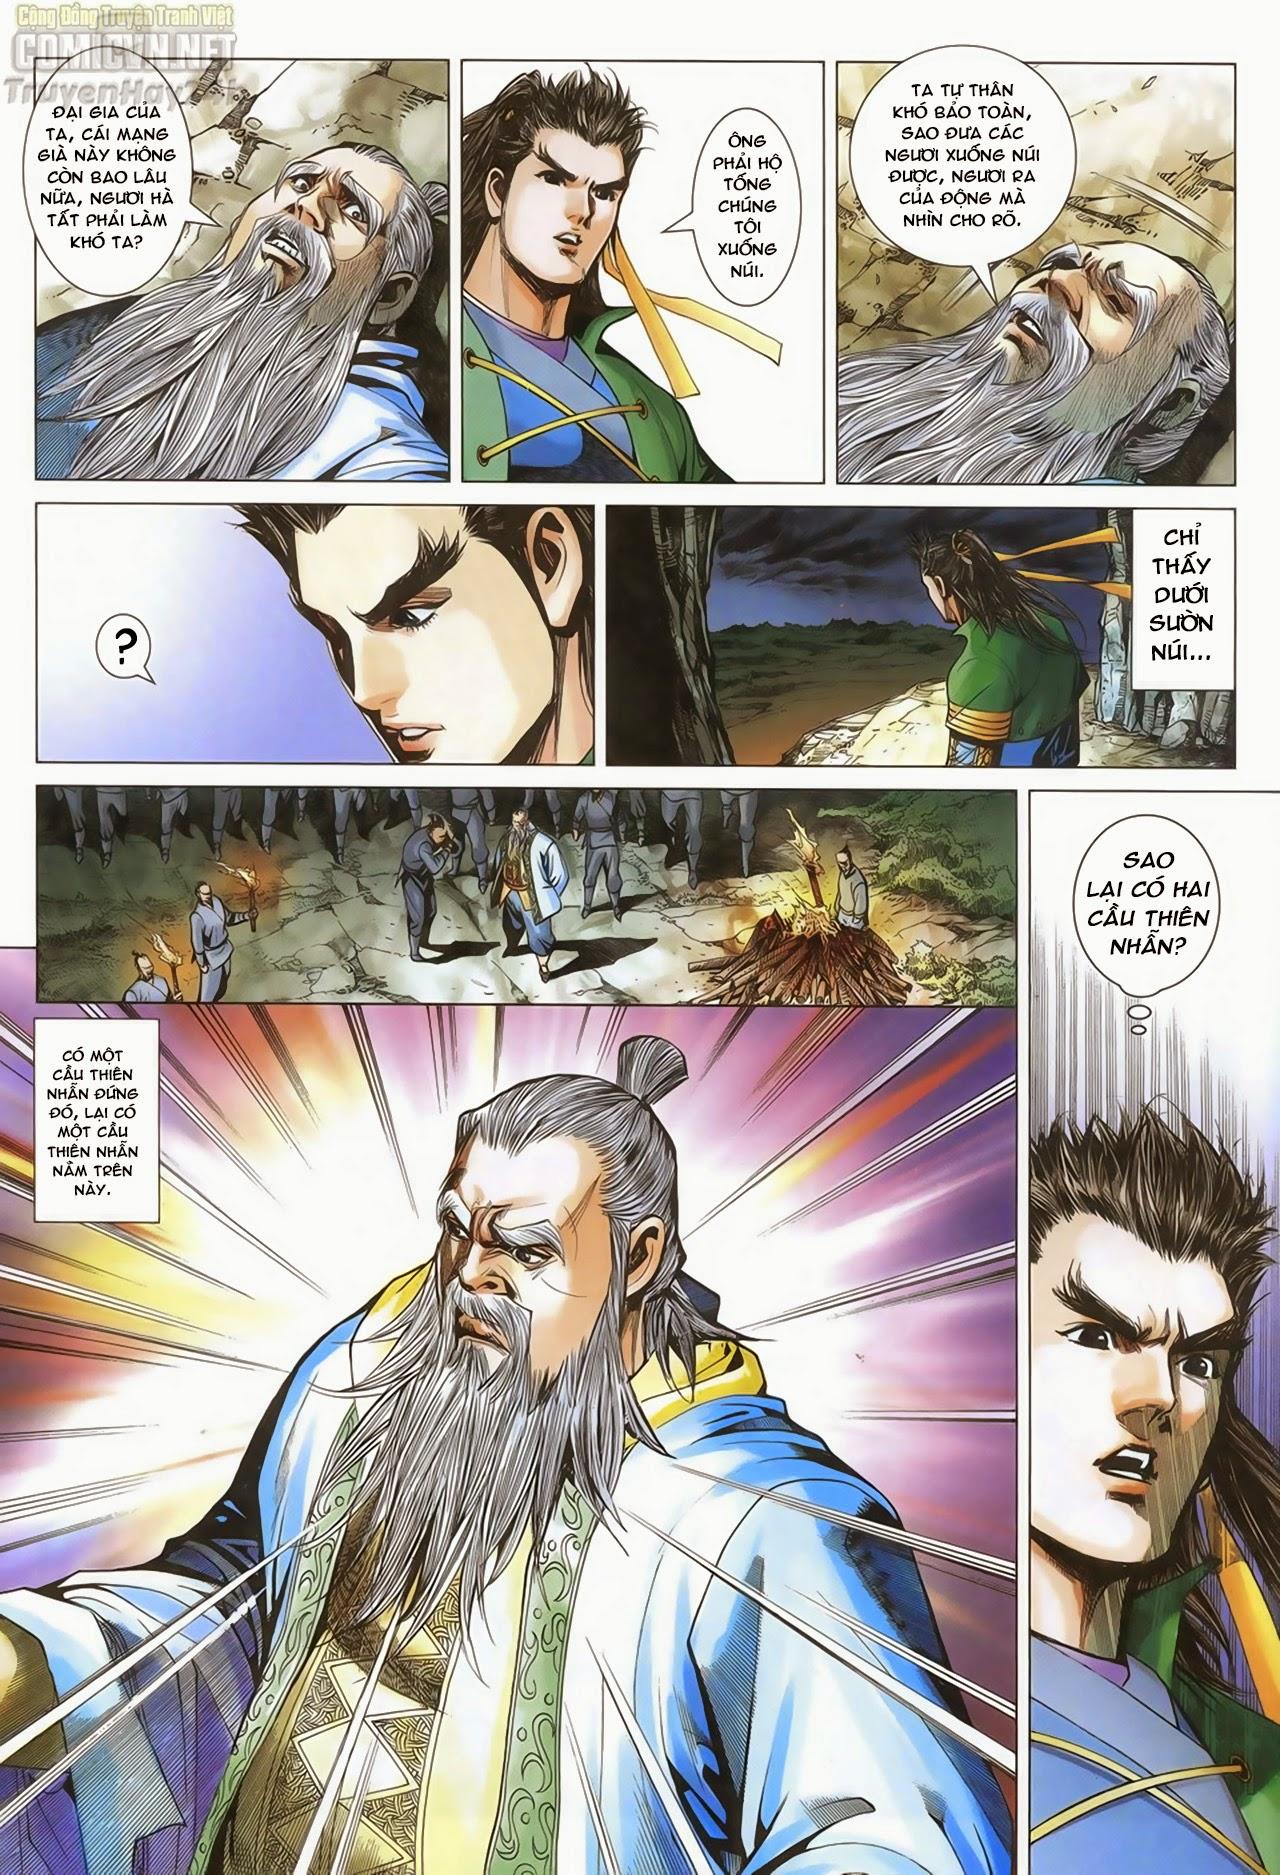 Anh Hùng Xạ Điêu anh hùng xạ đêu chap 69: hồn đoạn thiết chưởng phong trang 17